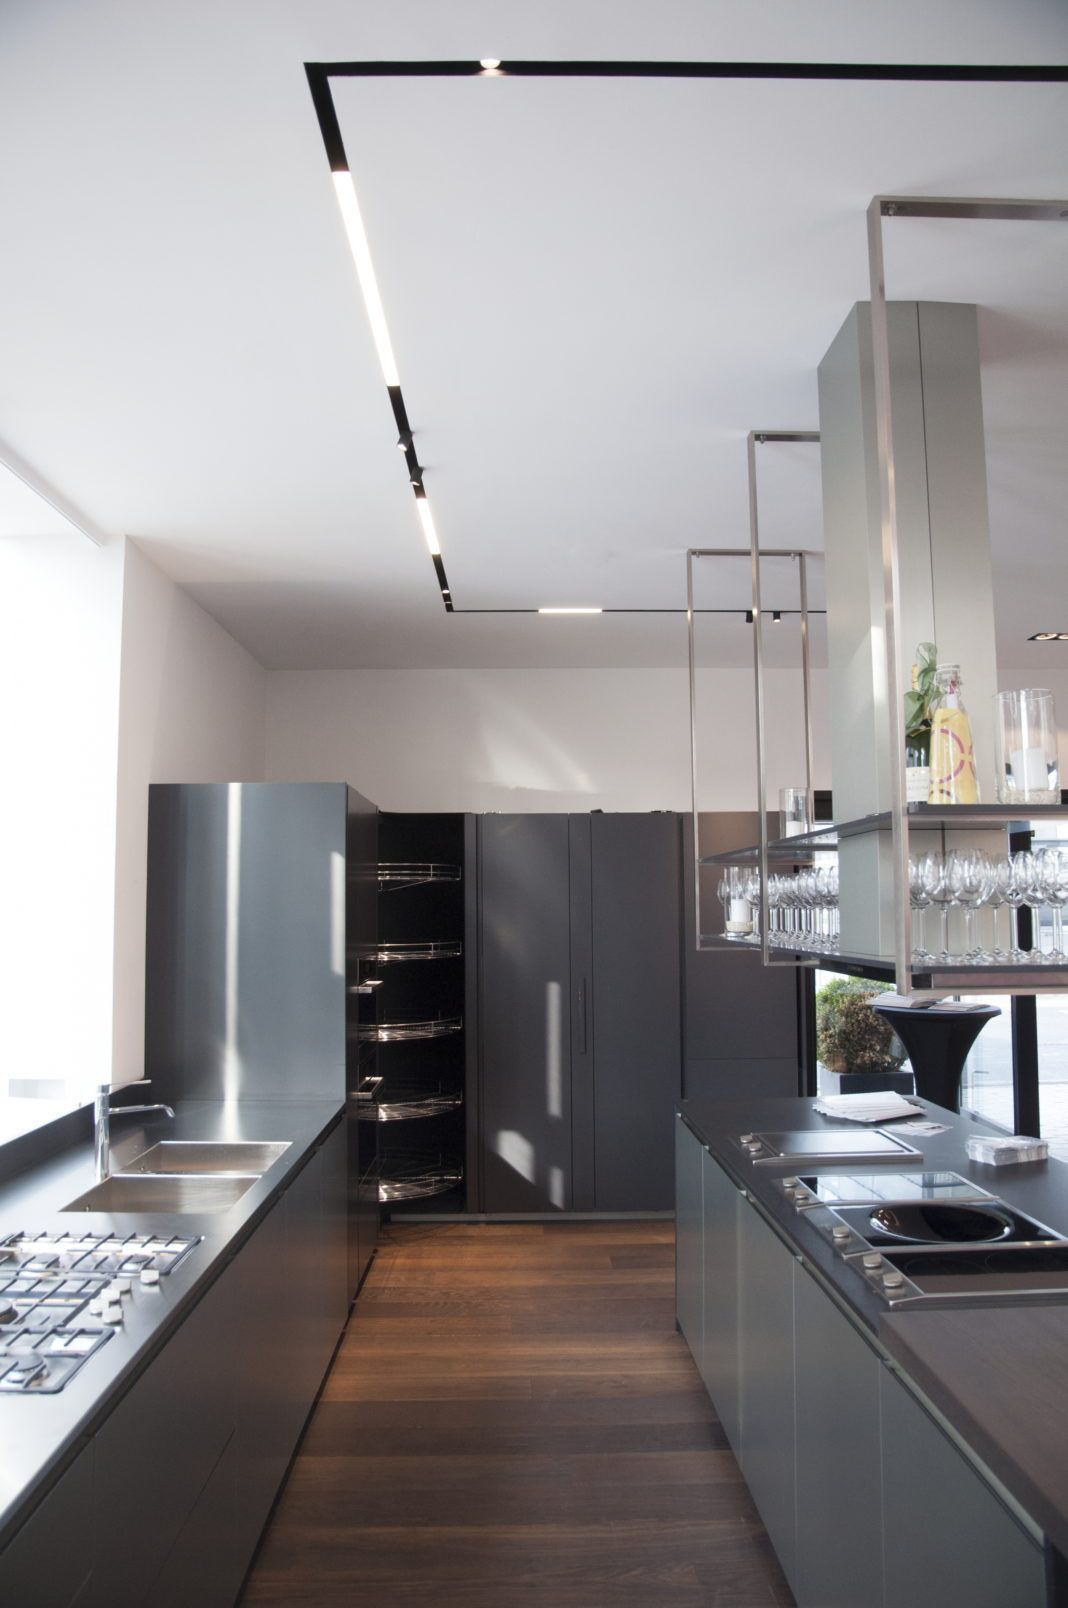 Come Illuminare Una Cucina l'applicazione del sistema magnetico con una doppia